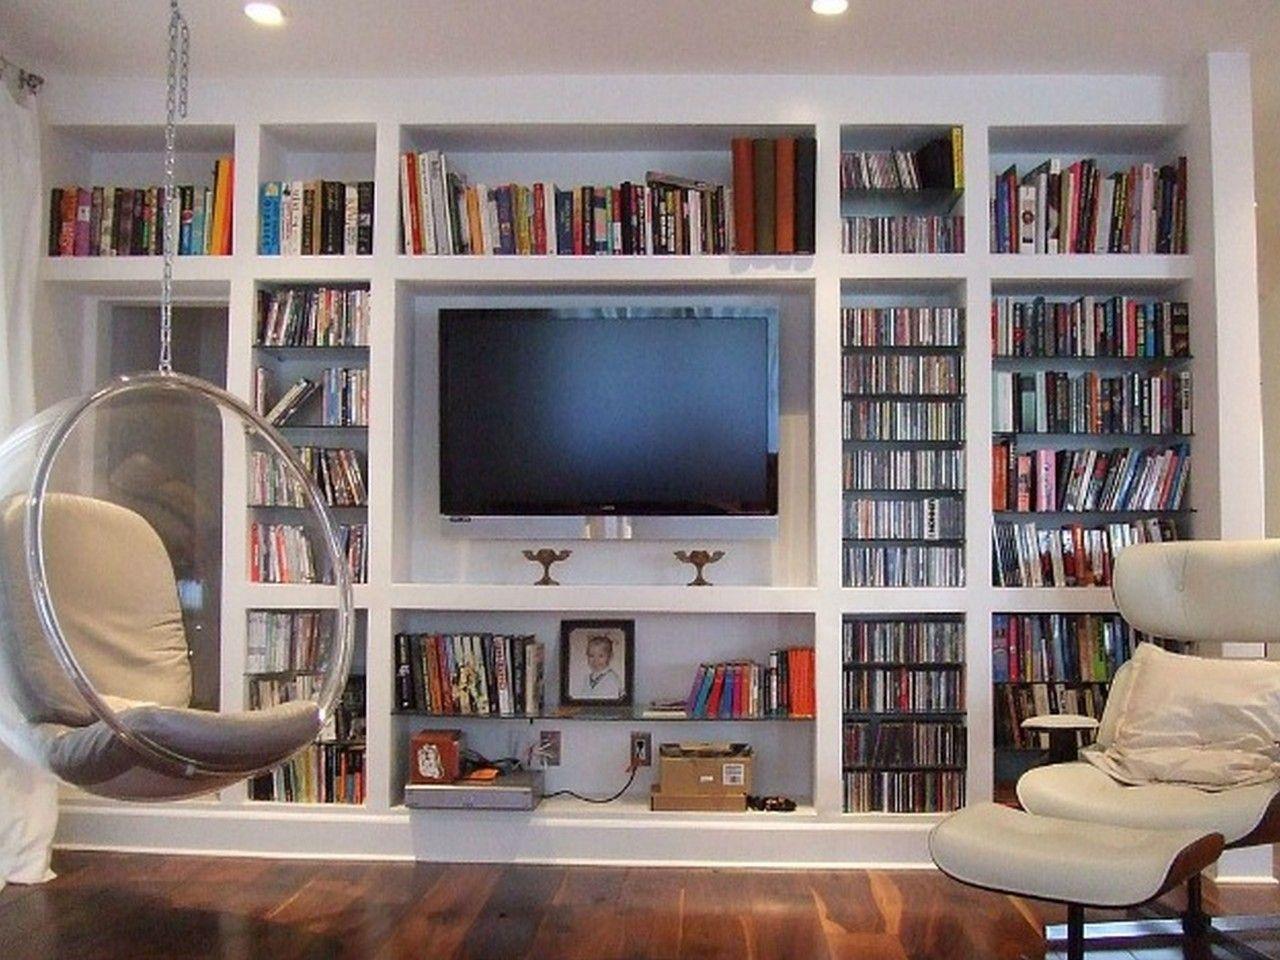 Breathtaking Ikea Bookshelves Blueprint Great Floor To Ceiling Bookshelves Scenic Implements Balan Wall Shelving Units Bookshelves Built In Bookshelves With Tv